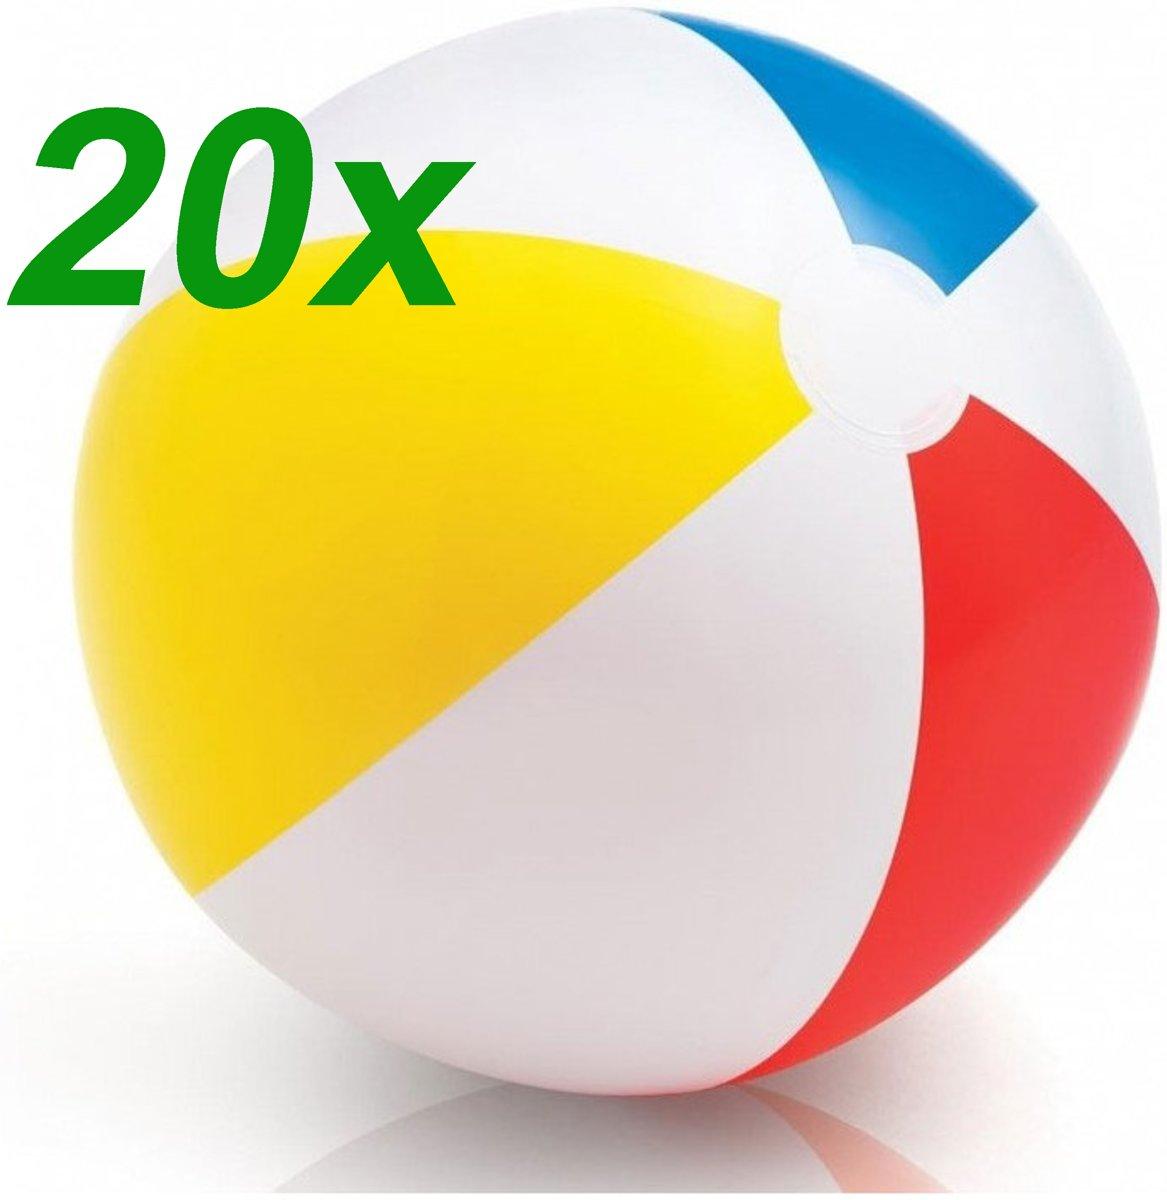 Set 20 x Opblaasbare Geel Rood Blauwe Witte Kinder Strandbal - Vanaf 2 Jaar | Peuter | Opblaasbaar | Zwembad Speelgoed | Strand Bal